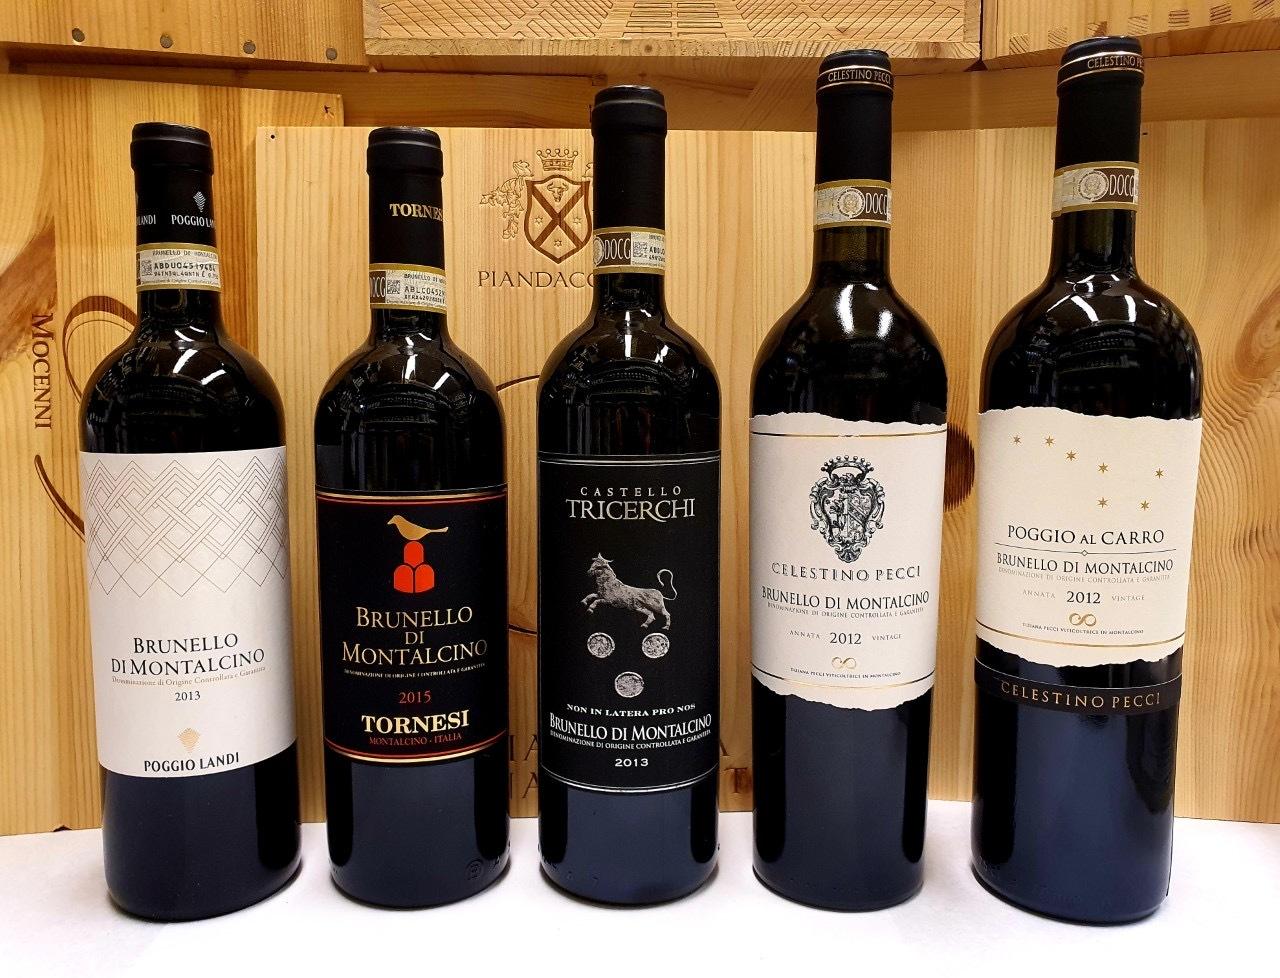 ワイン便の発送:ヴィンテージワイン、ブルネッロ、スーパータスカン、アマローネ_a0136671_22540347.jpeg